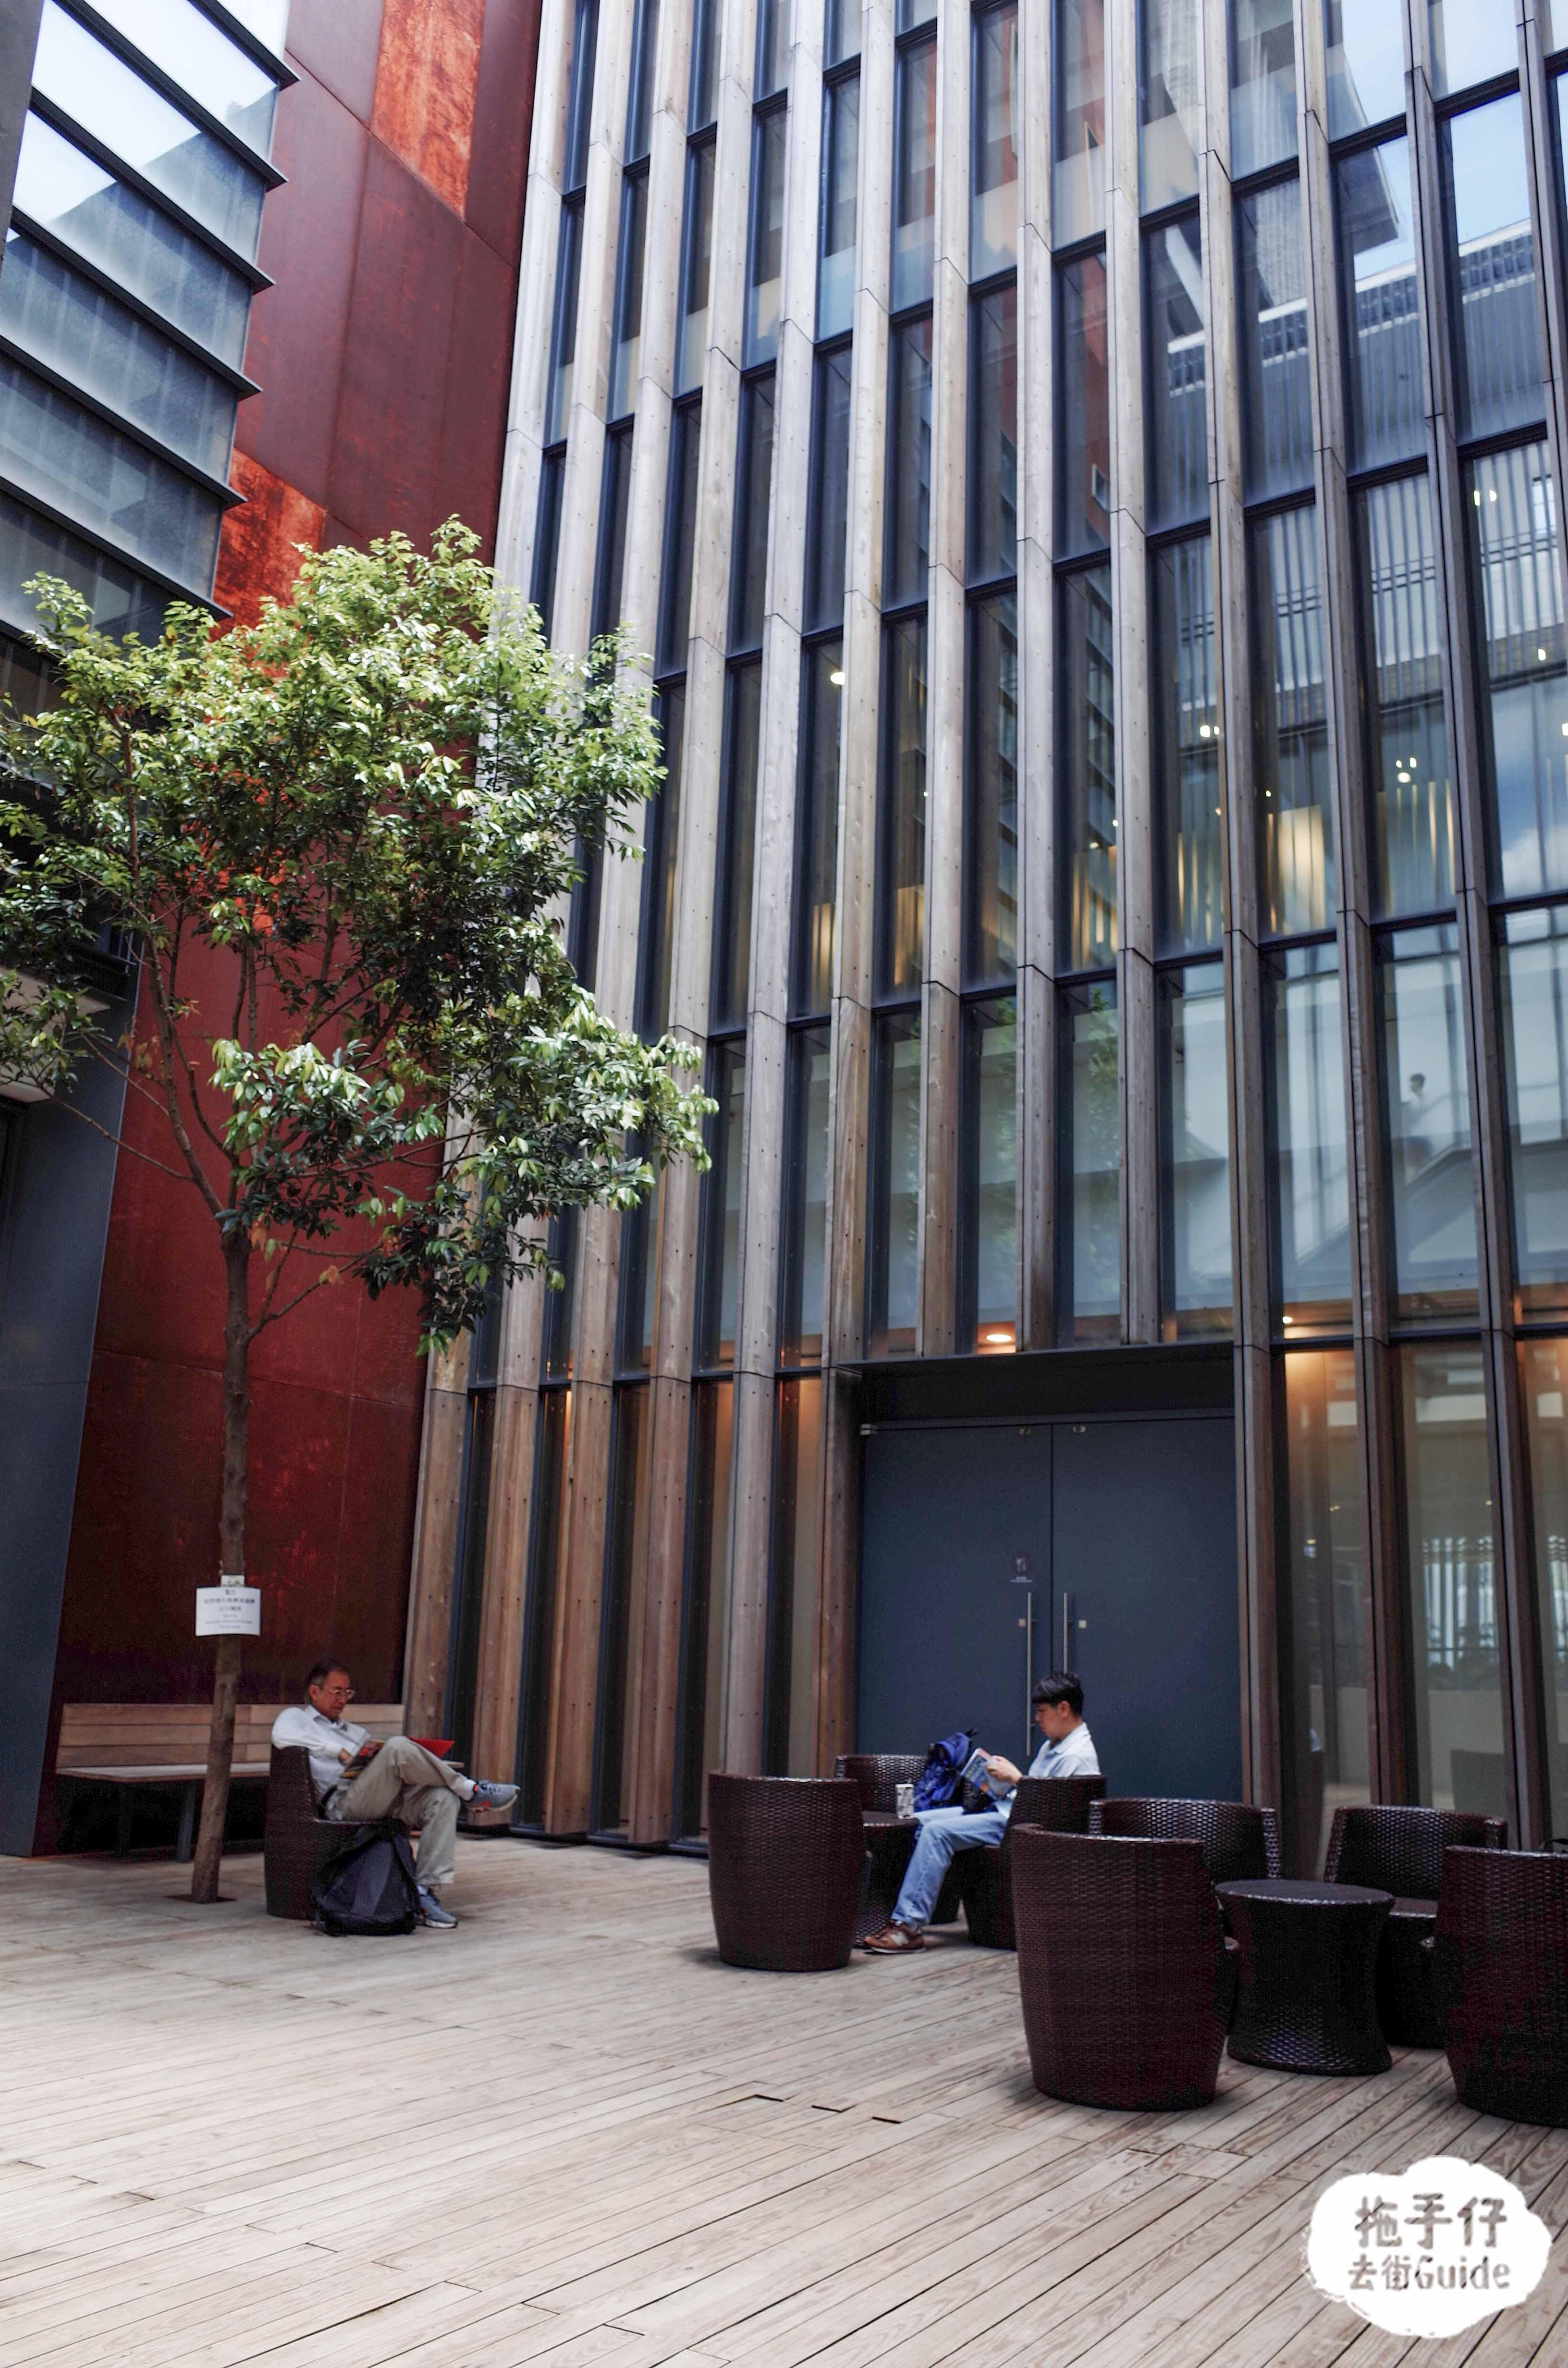 【香港最美圖書館】戶外庭園陽光下閱讀 又大又好FEEL 屏山天水圍公共圖書館媲美外國圖書館 – 拖手仔 去街Guide